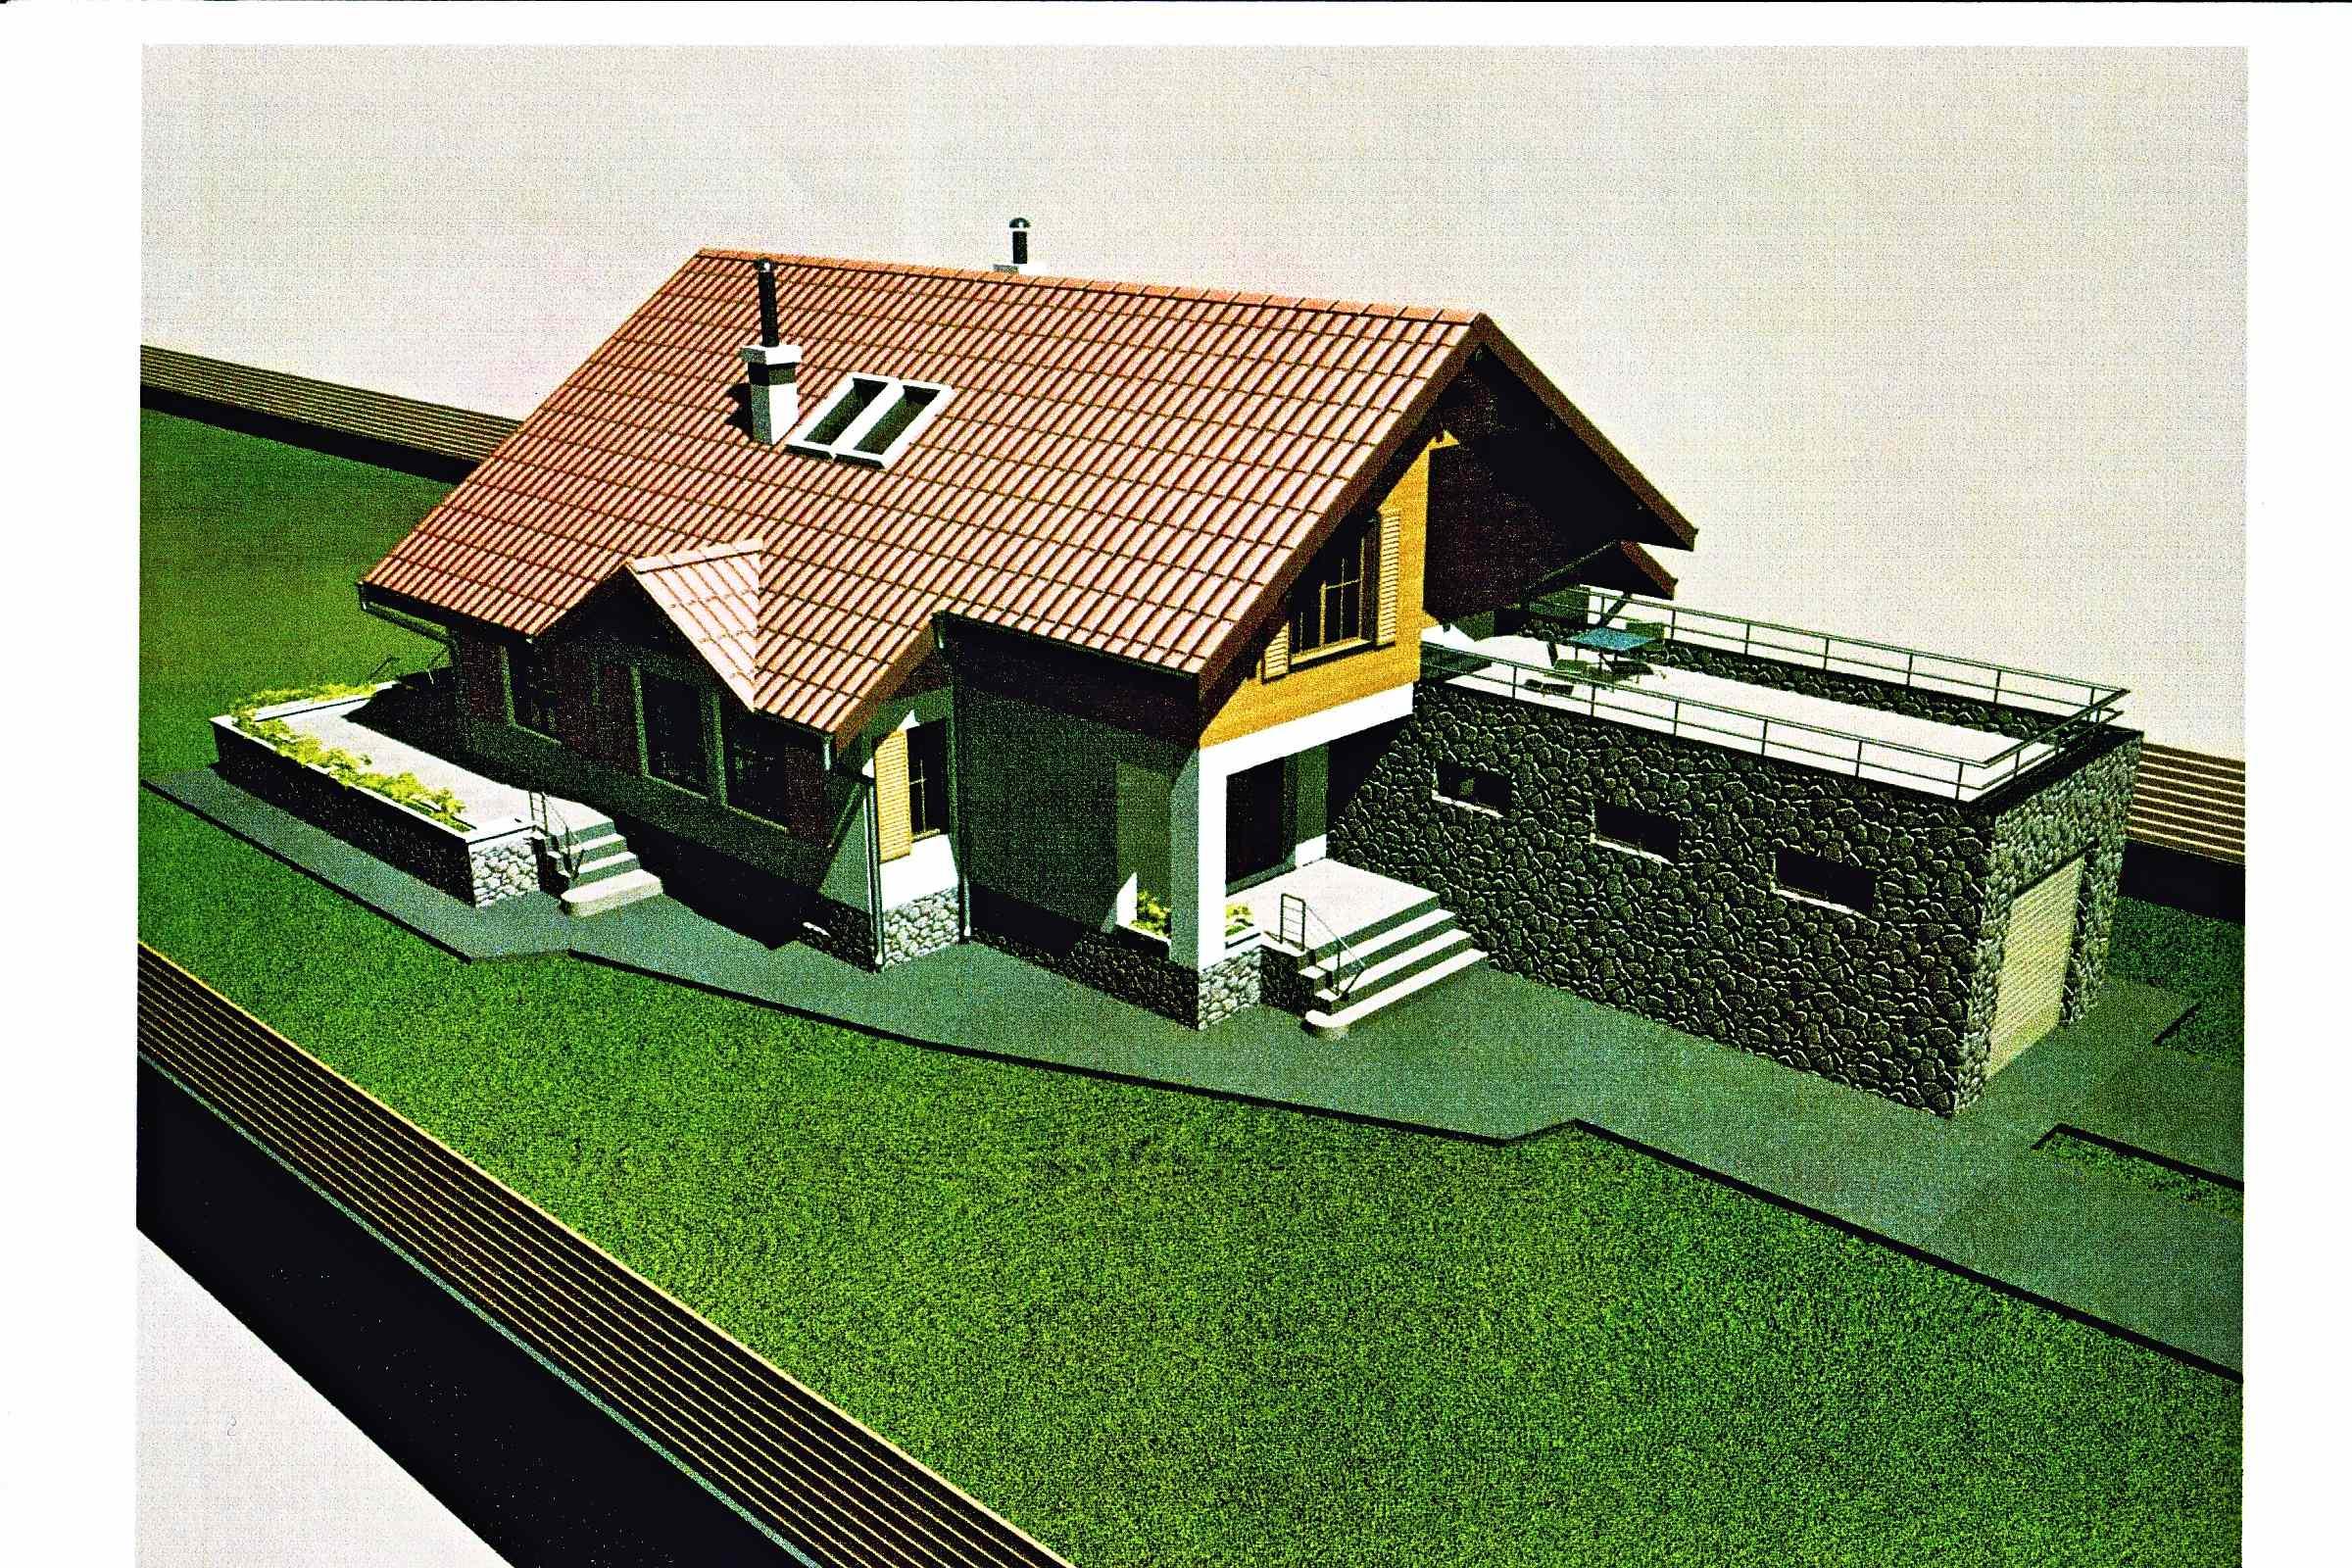 Casa de vacanta, Gruiu, Ialomita  - Poza 1